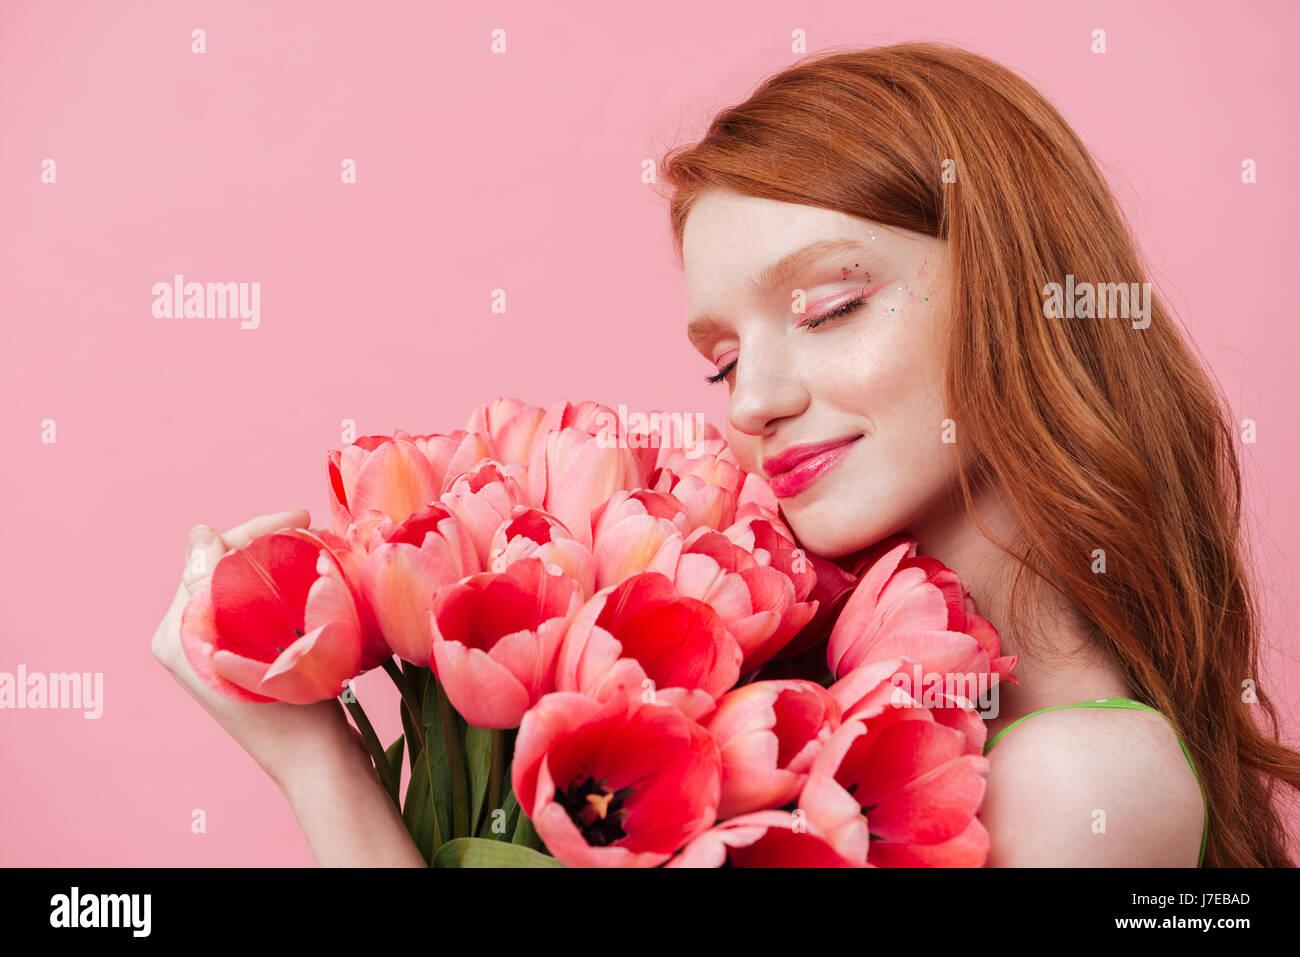 Giovane donna graziosa toccando e annusando con gli occhi chiusi fiori di colore rosa Immagini Stock